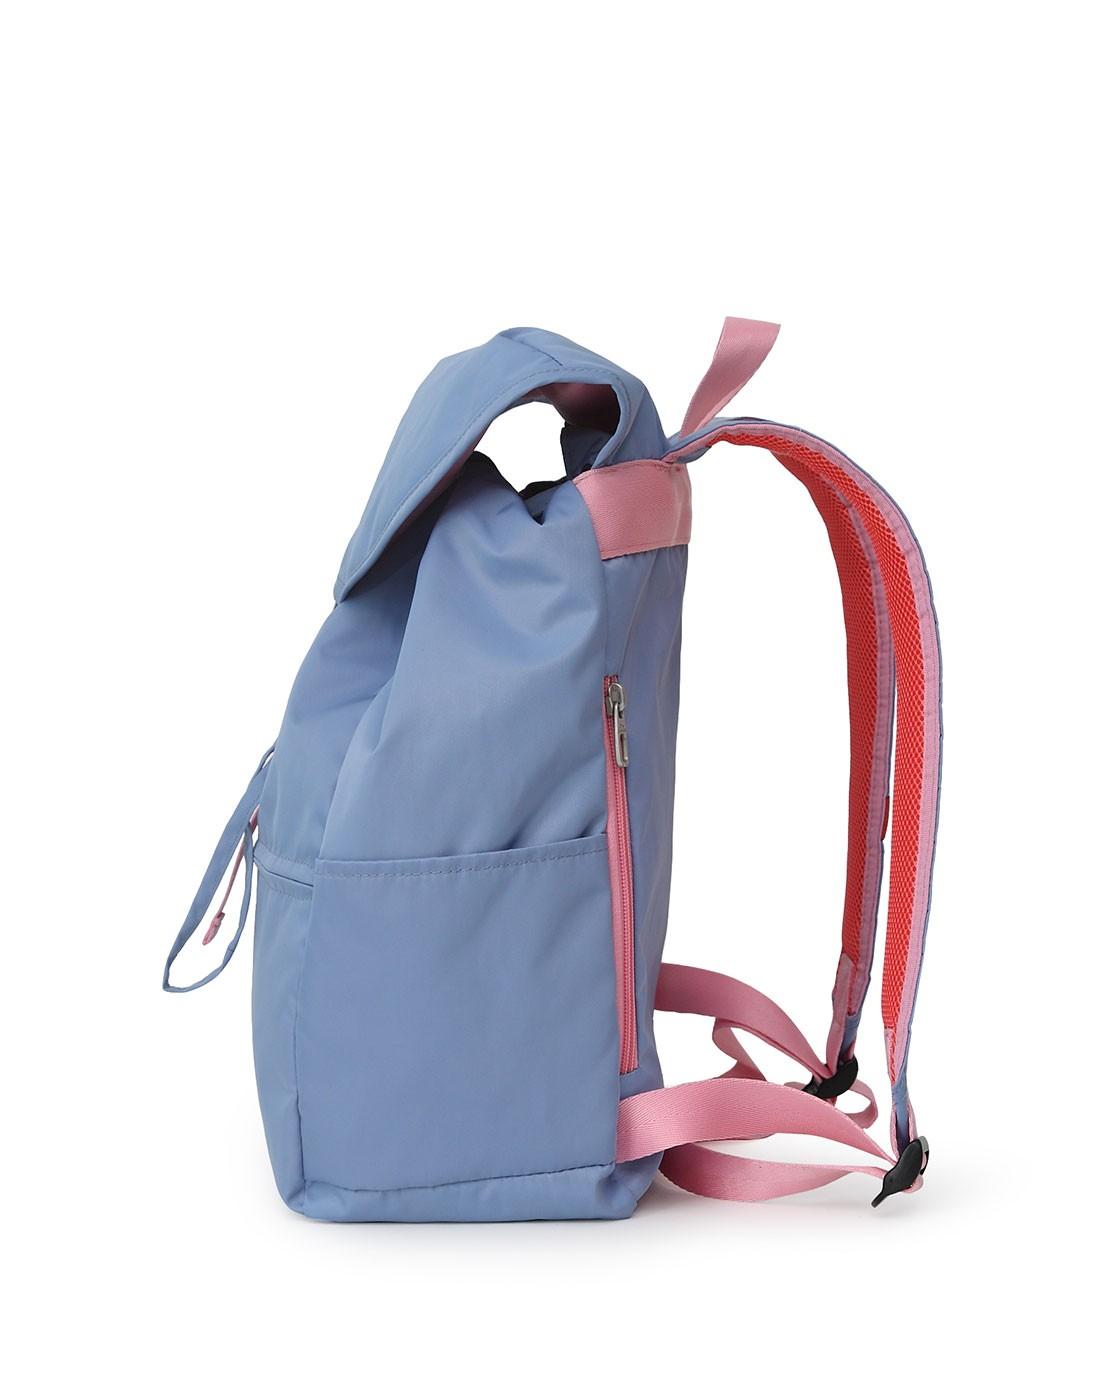 2015新款女款蓝色翻盖水桶双肩包